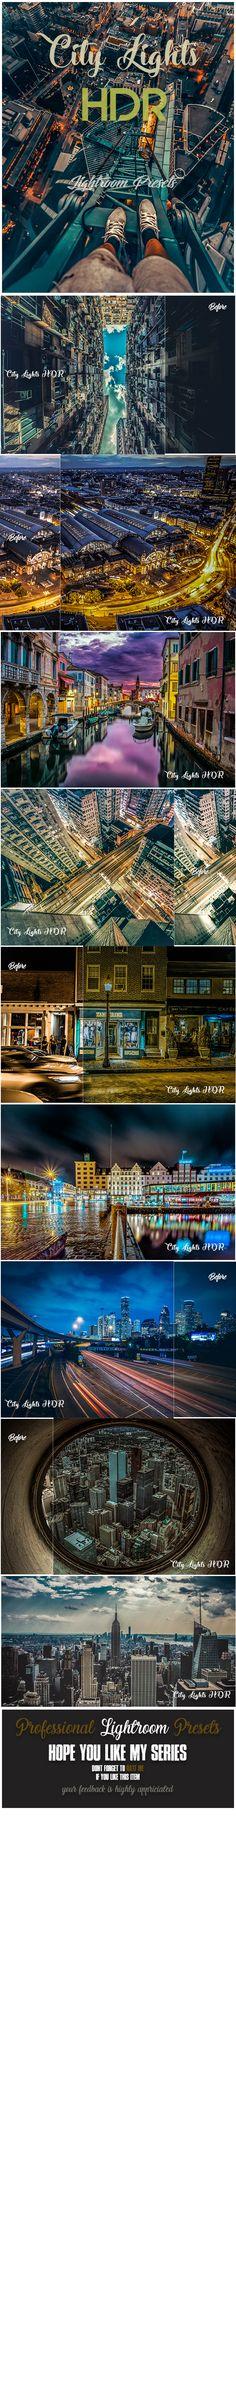 16 City Lights HDR Lightroom Presets - #Lightroom Presets #Add-ons